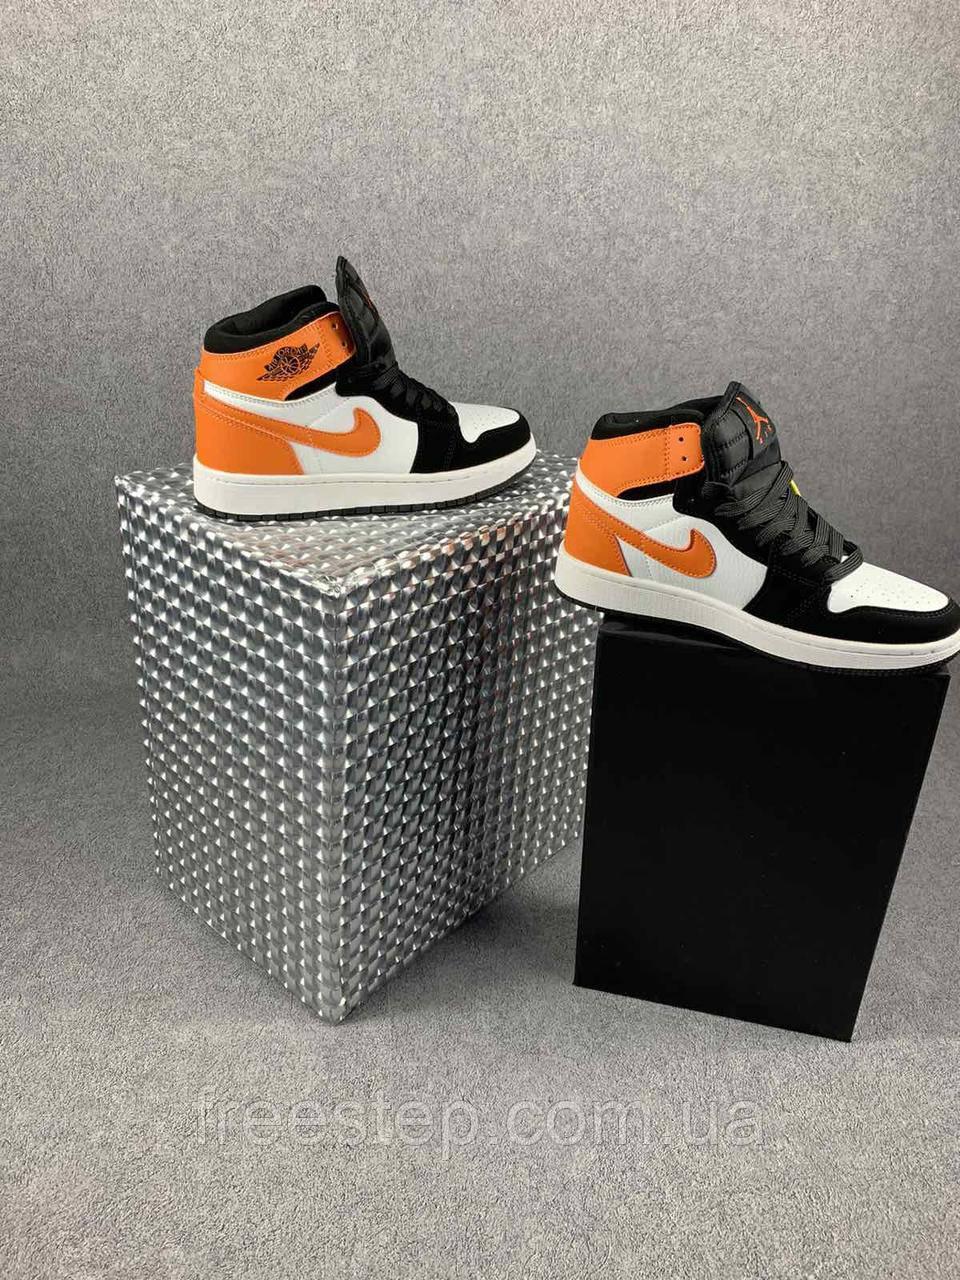 Жіночі кросівки в стилі Nike Air Jordan білі з чорним, оранжевим